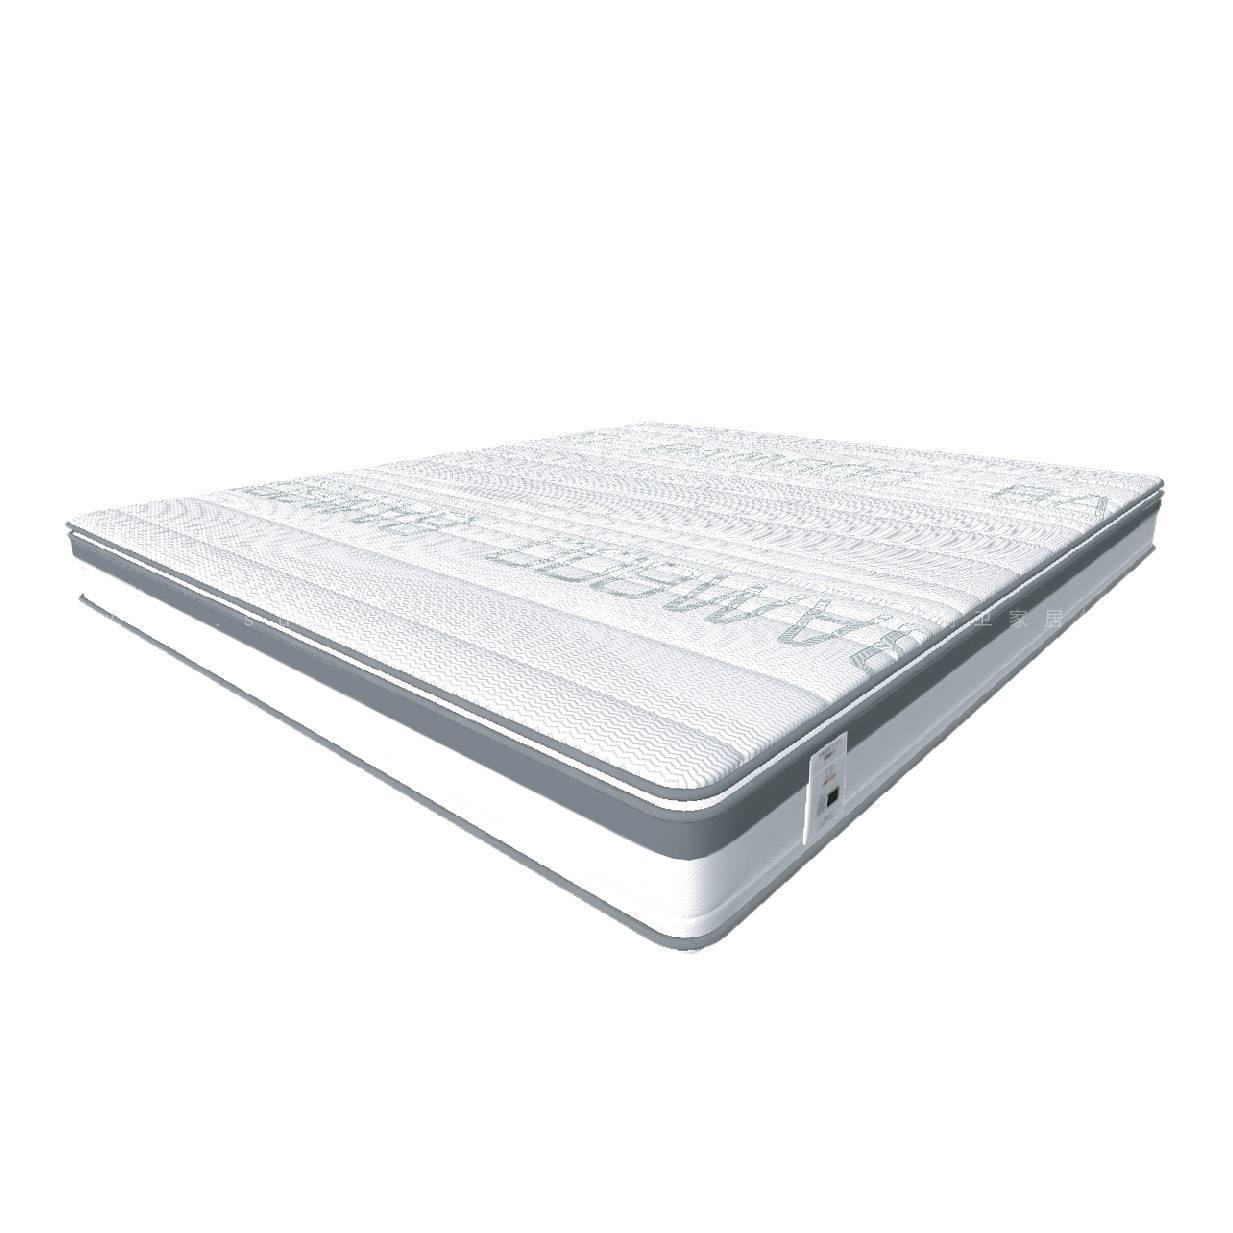 鹿眠2号床垫·邦尼尔弹簧环保椰棕可拆卸DIY床垫(提前20天申请发货)